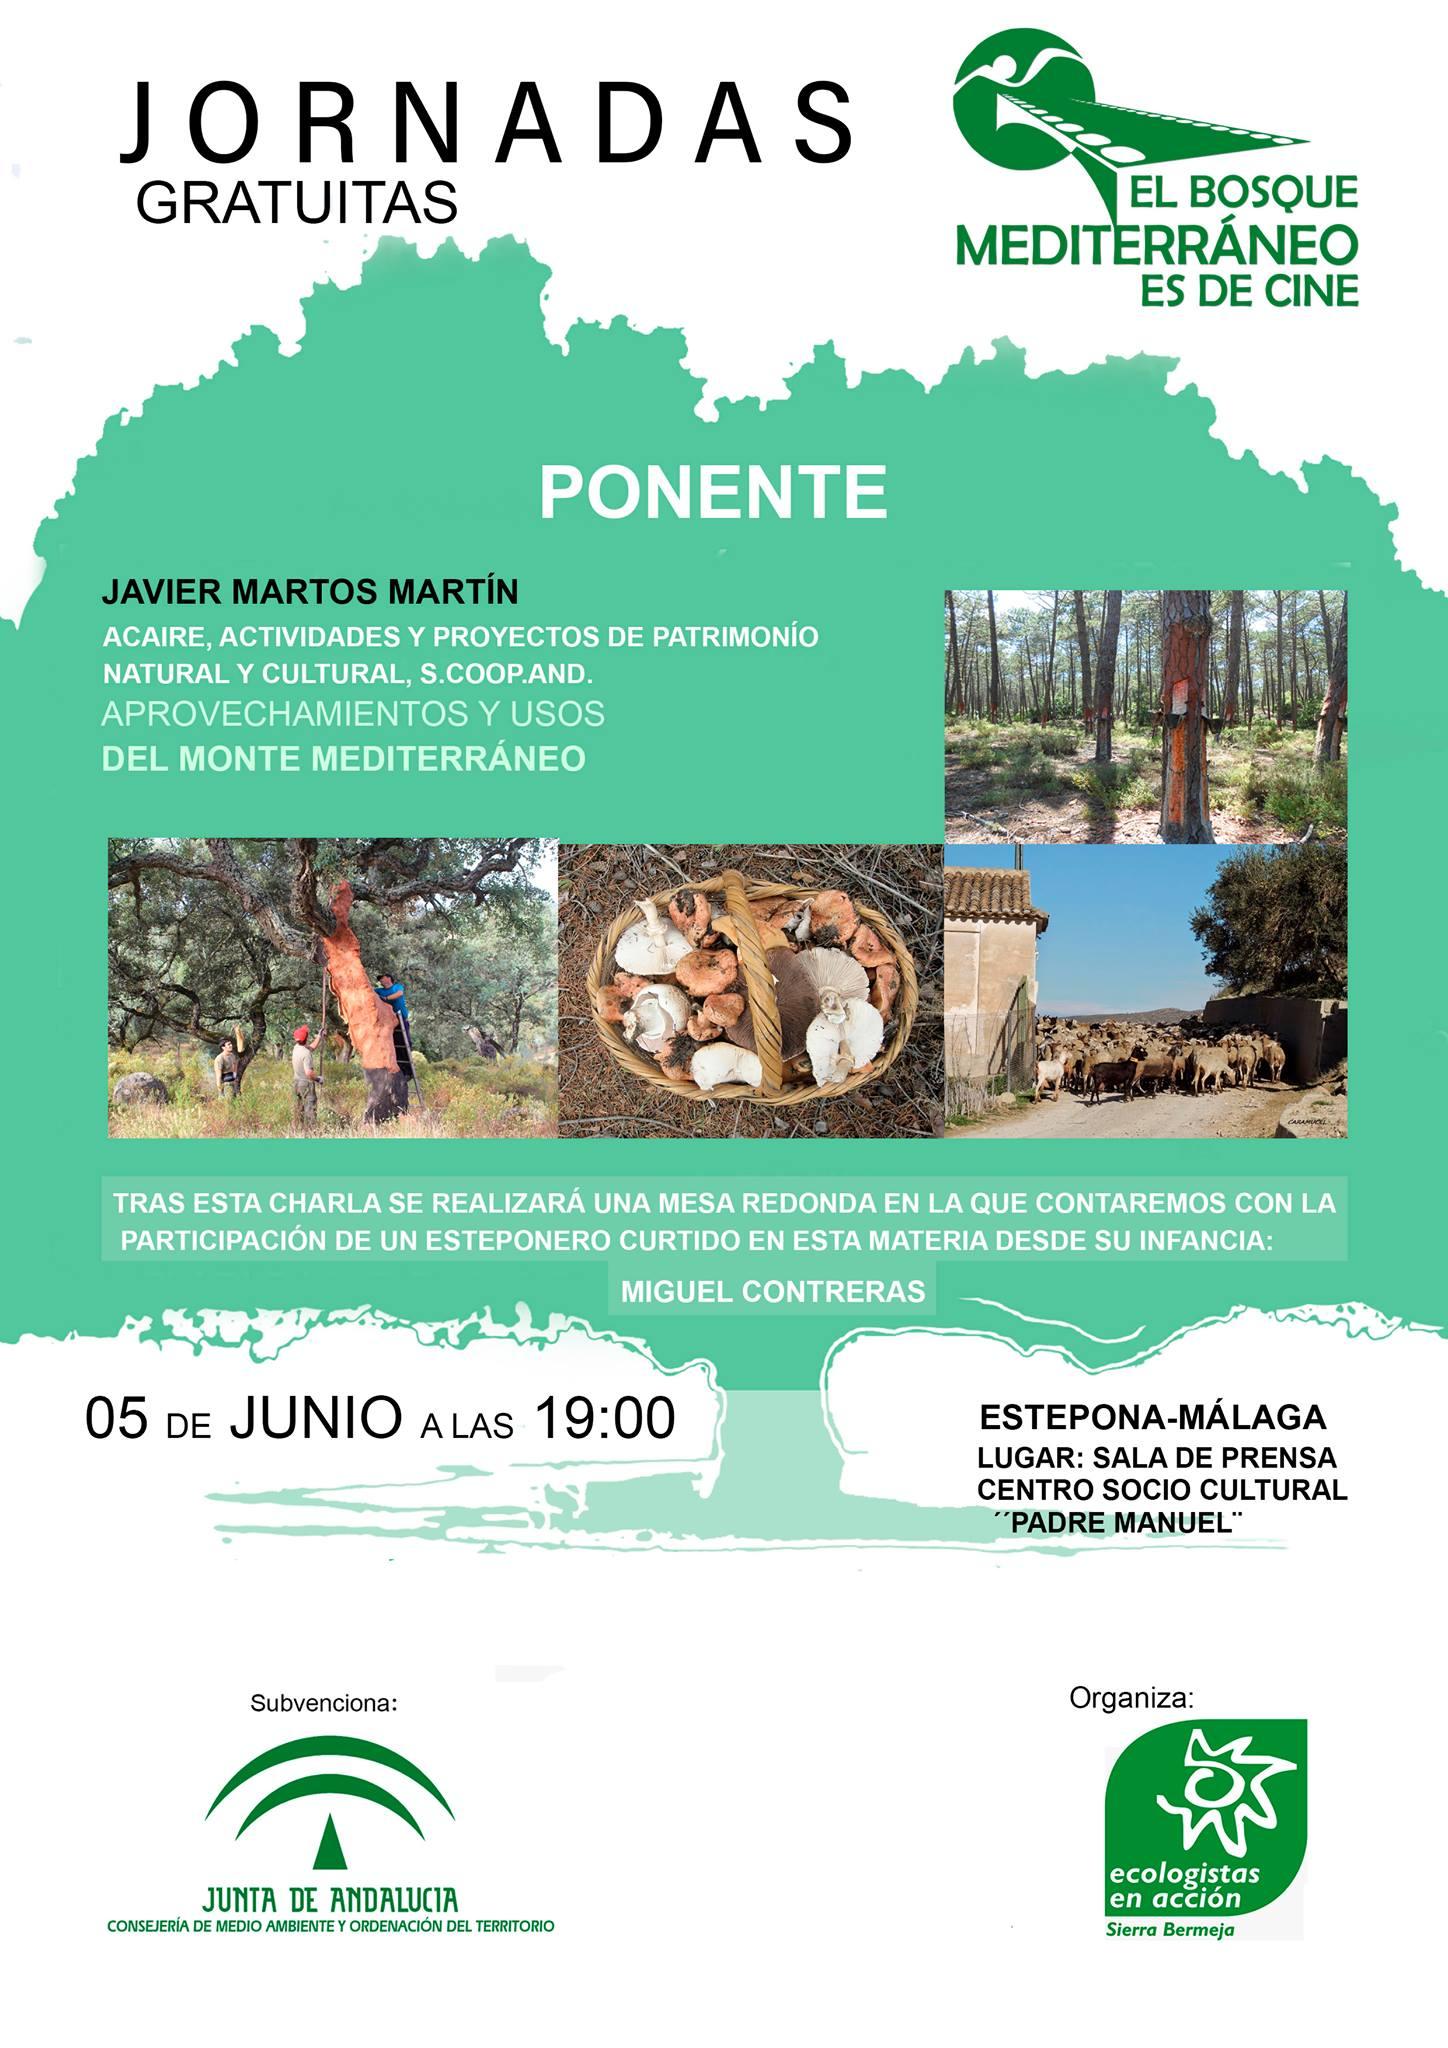 Usos y aprovechamientos del bosque mediterráneo